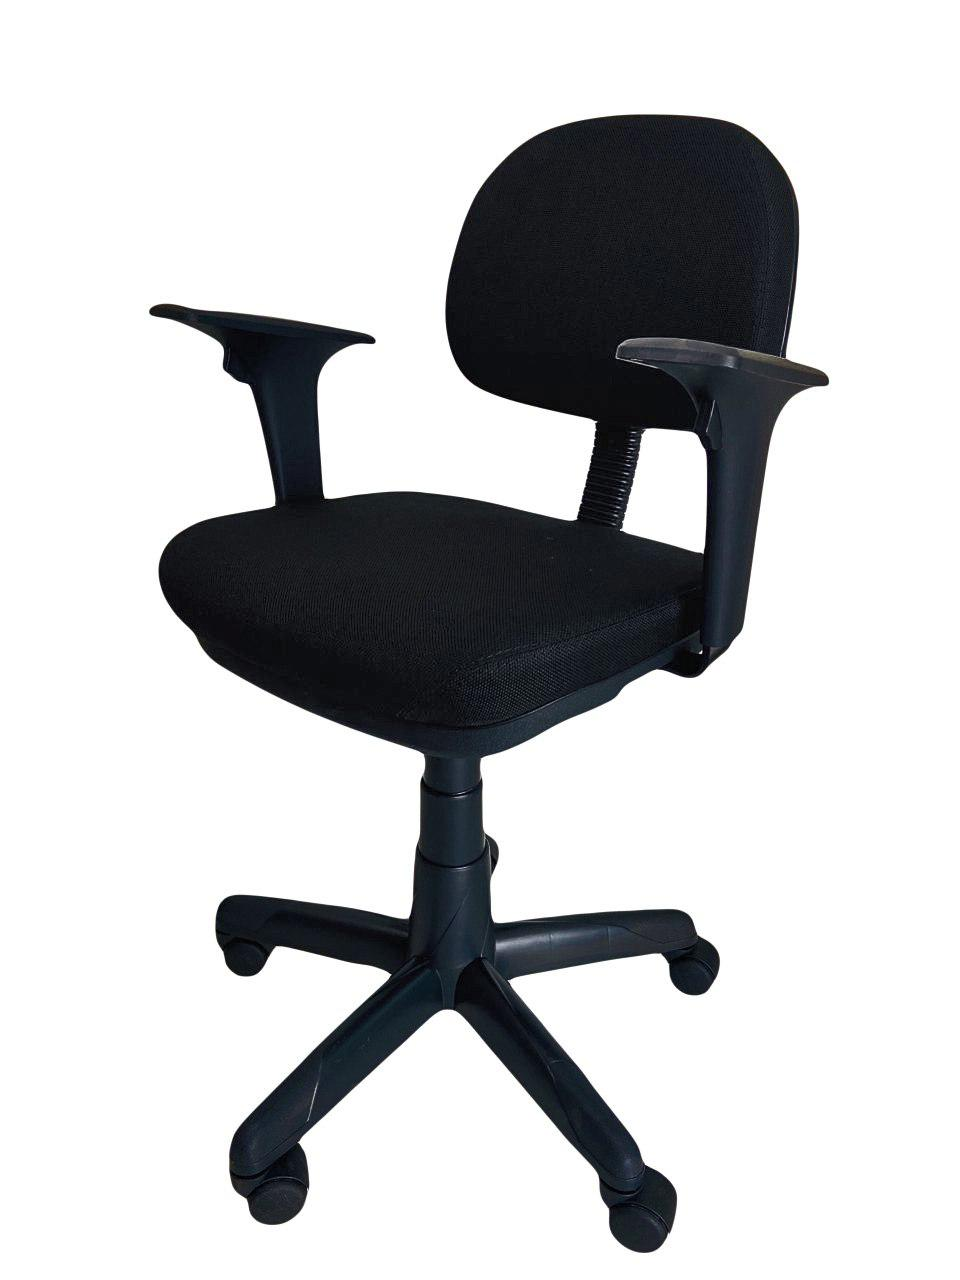 Cadeira Giratoria Secretaria Operativa Plus com Braço Tecido Preto